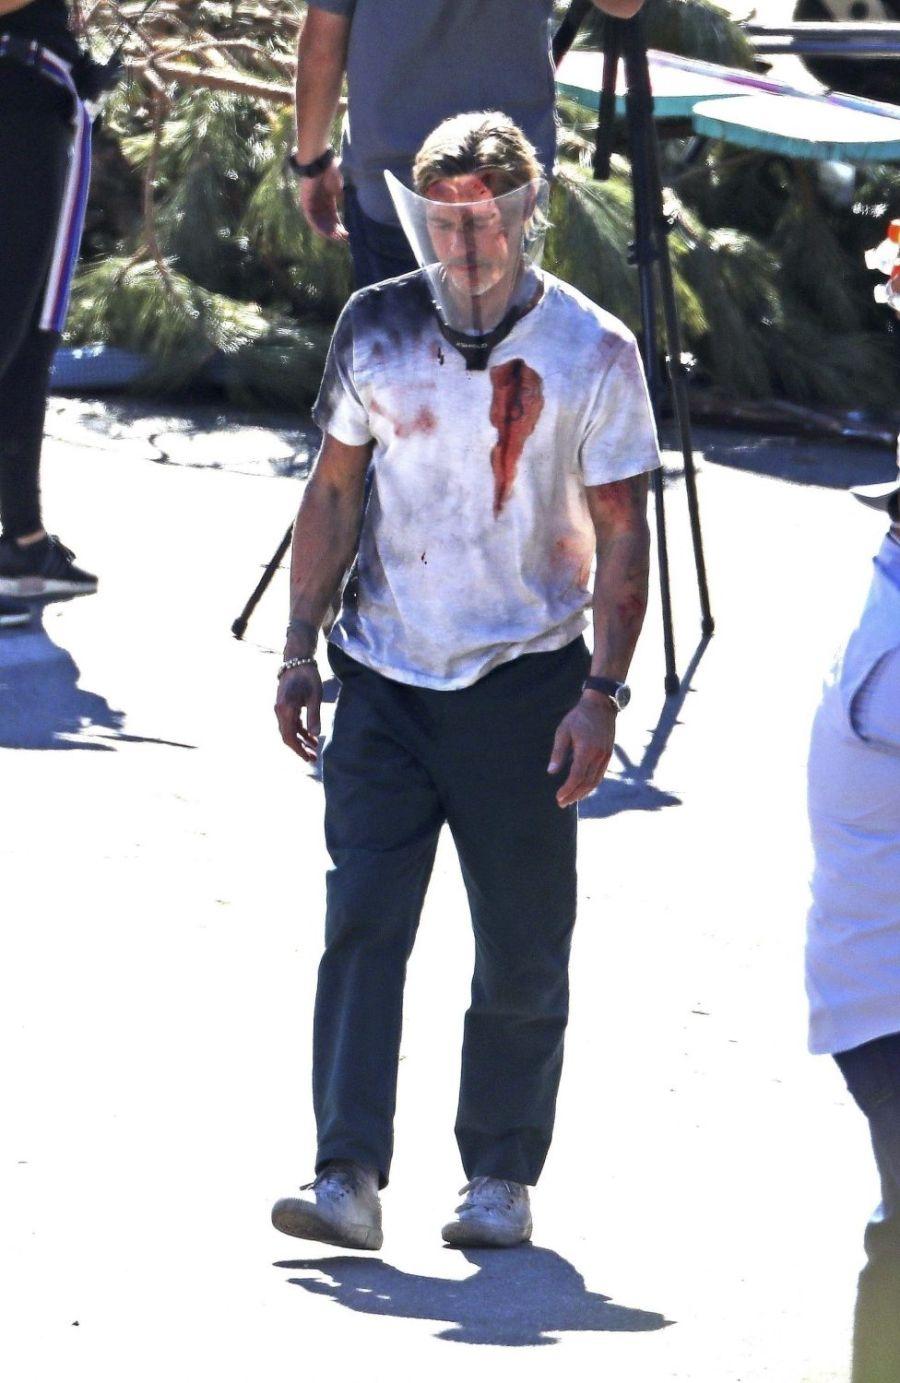 Ensangrentado y herido: las fotos de Brad Pitt que preocuparon a sus seguidores